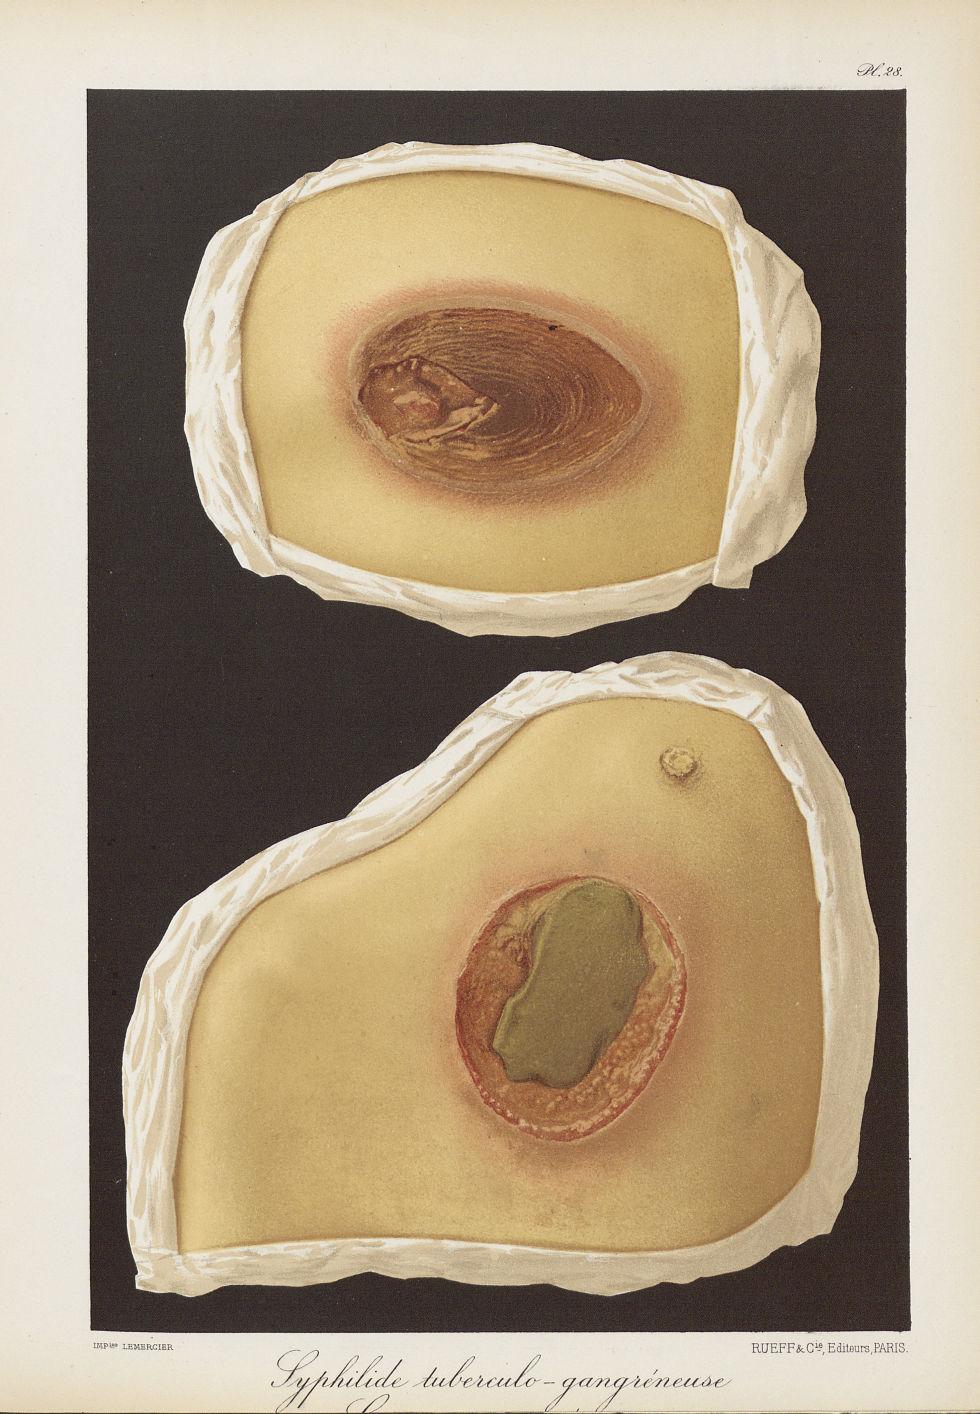 Syphilide tuberculo-gangréneuse - Le musée de l'hôpital Saint-Louis : iconographie des maladies cuta [...] - Dermatologie (peau). Syphilis (maladies infectieuses). Maladies sexuellement transmissibles. 19e siècle (France) - med01740x0224